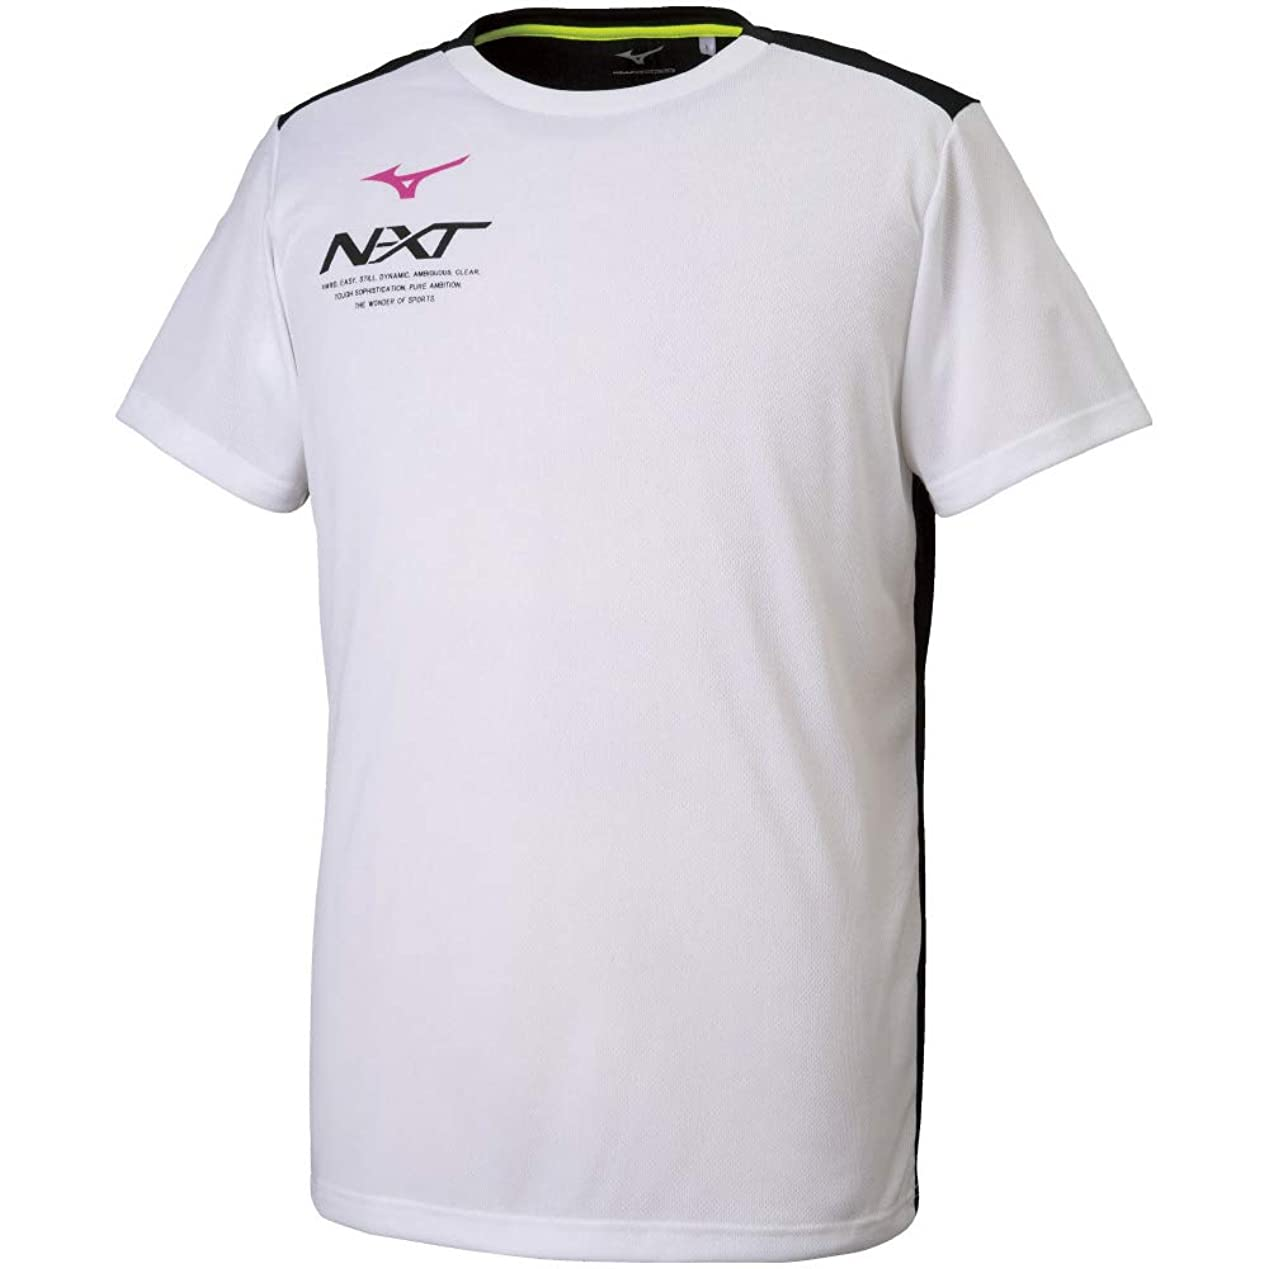 平行有利石膏[ミズノ] トレーニングウェア N-XT Tシャツ 半袖 細身 吸汗速乾 32JA9215